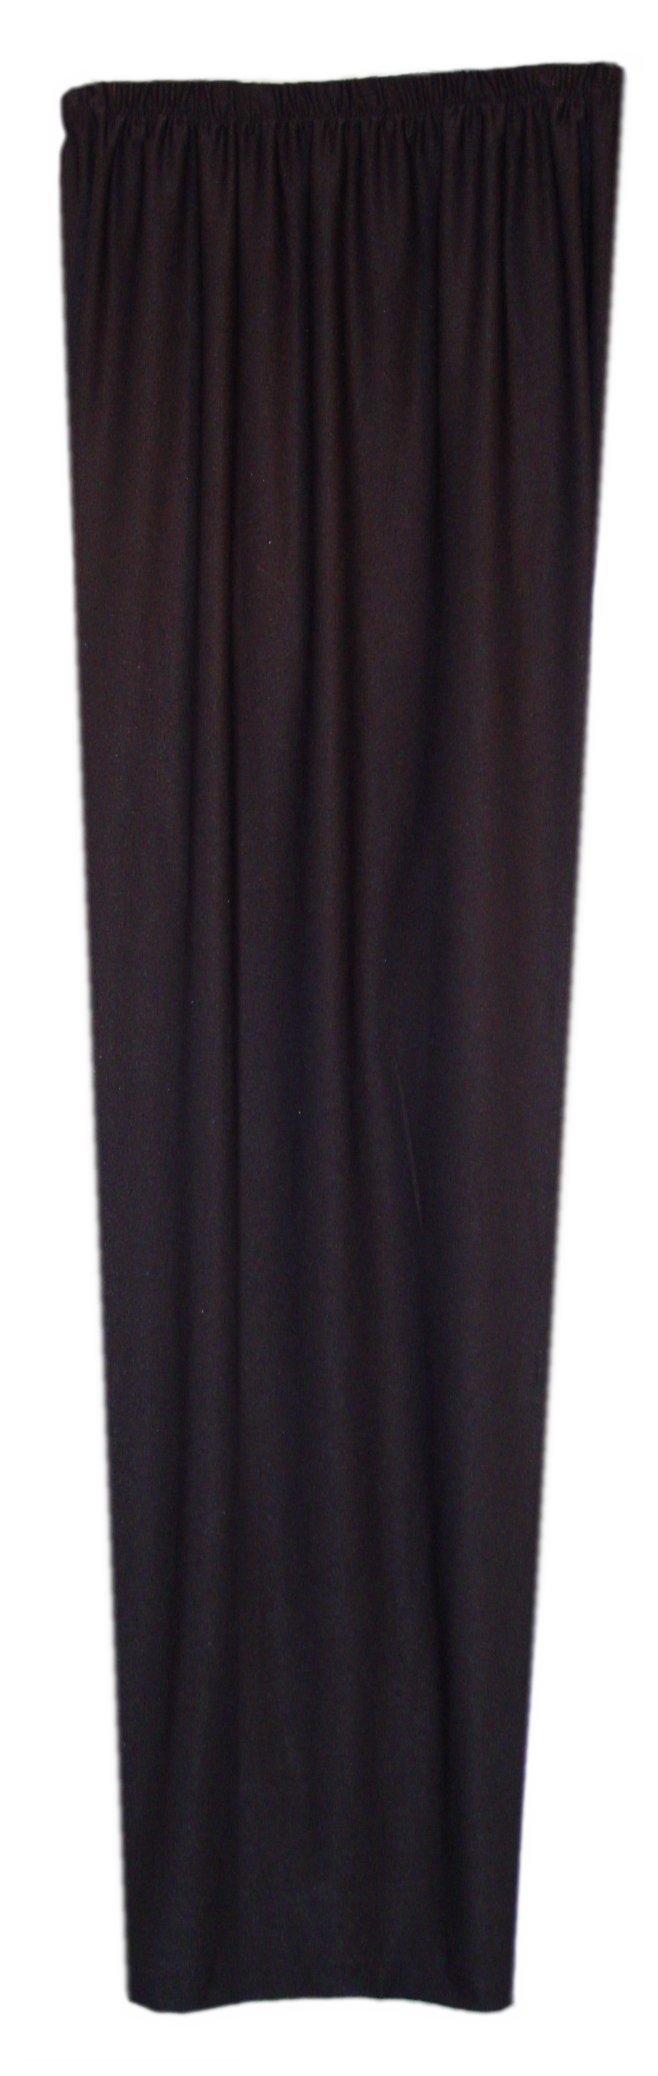 Plus size pants 7x